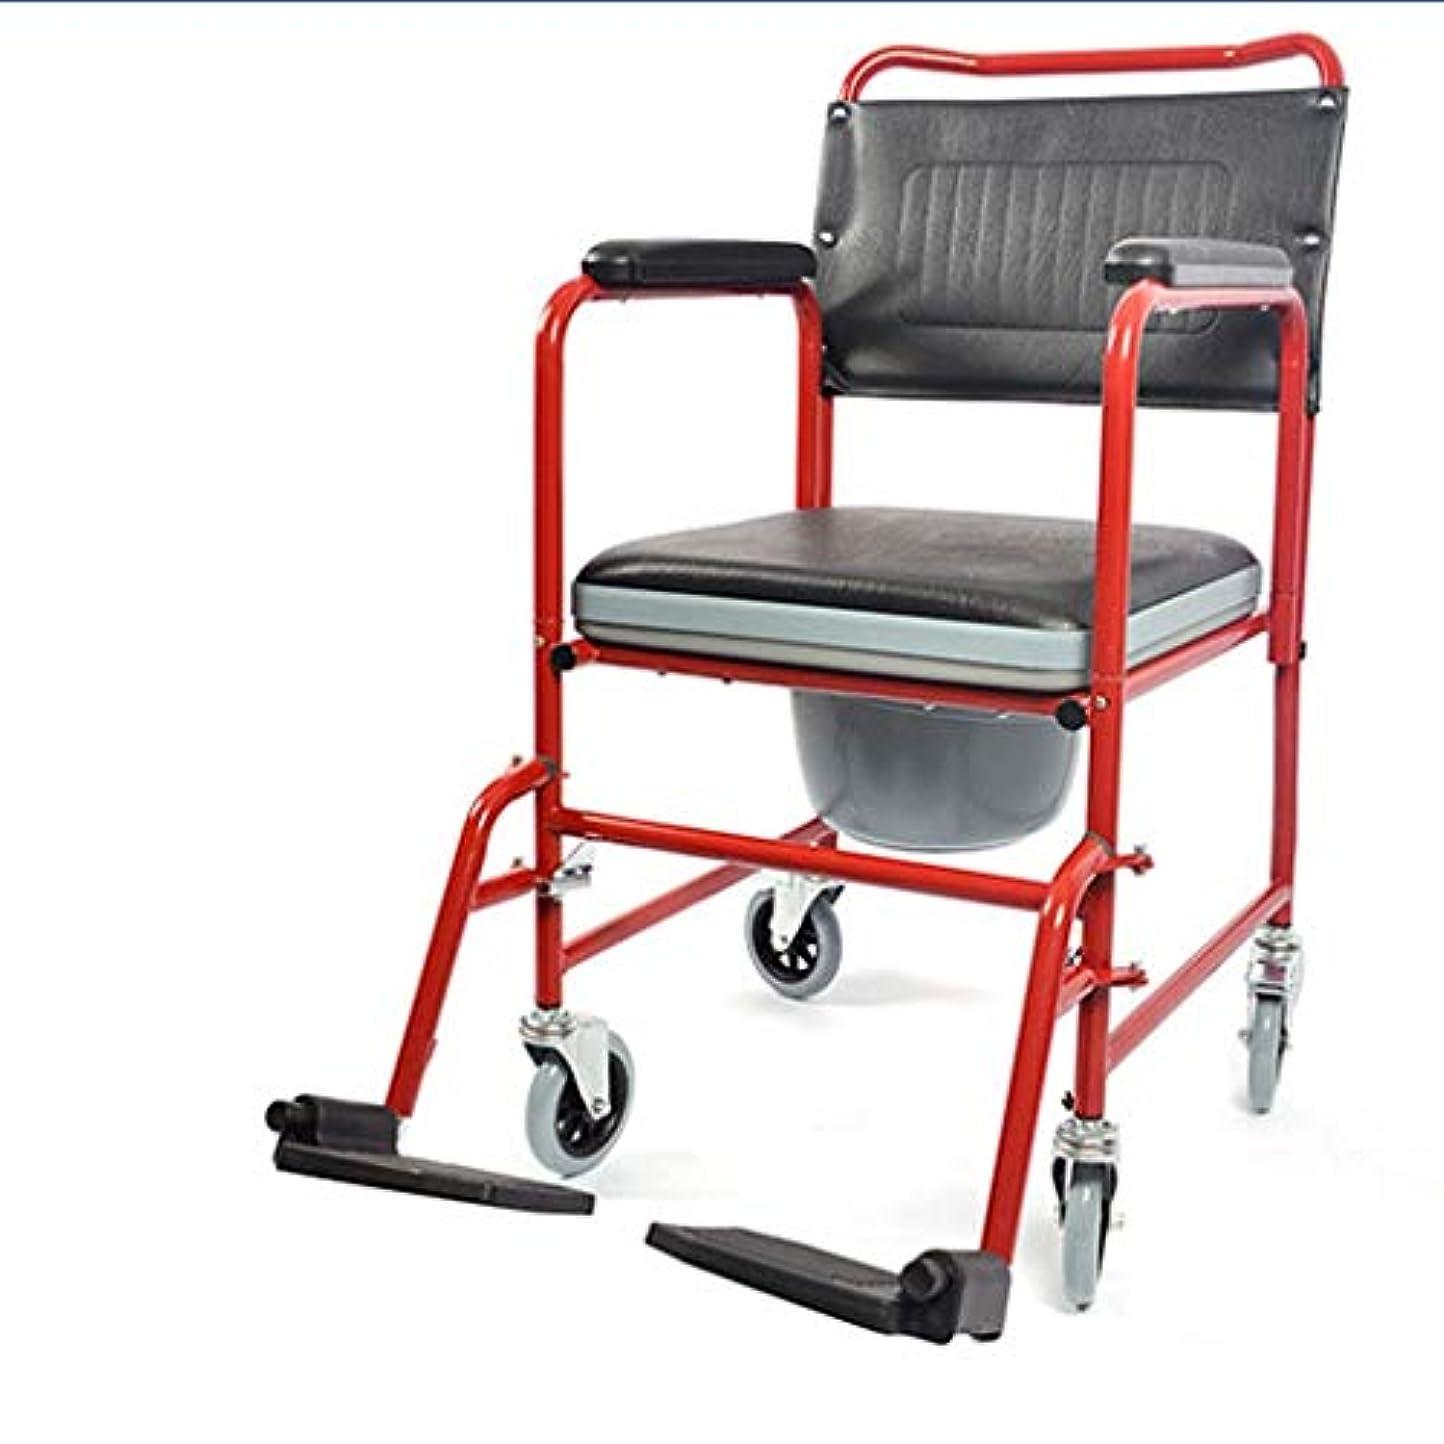 従来のインチ動作バスルームのシャワーチェア、レインスツール、高齢者妊婦ポータブル多機能車椅子高齢者ポータブルカート